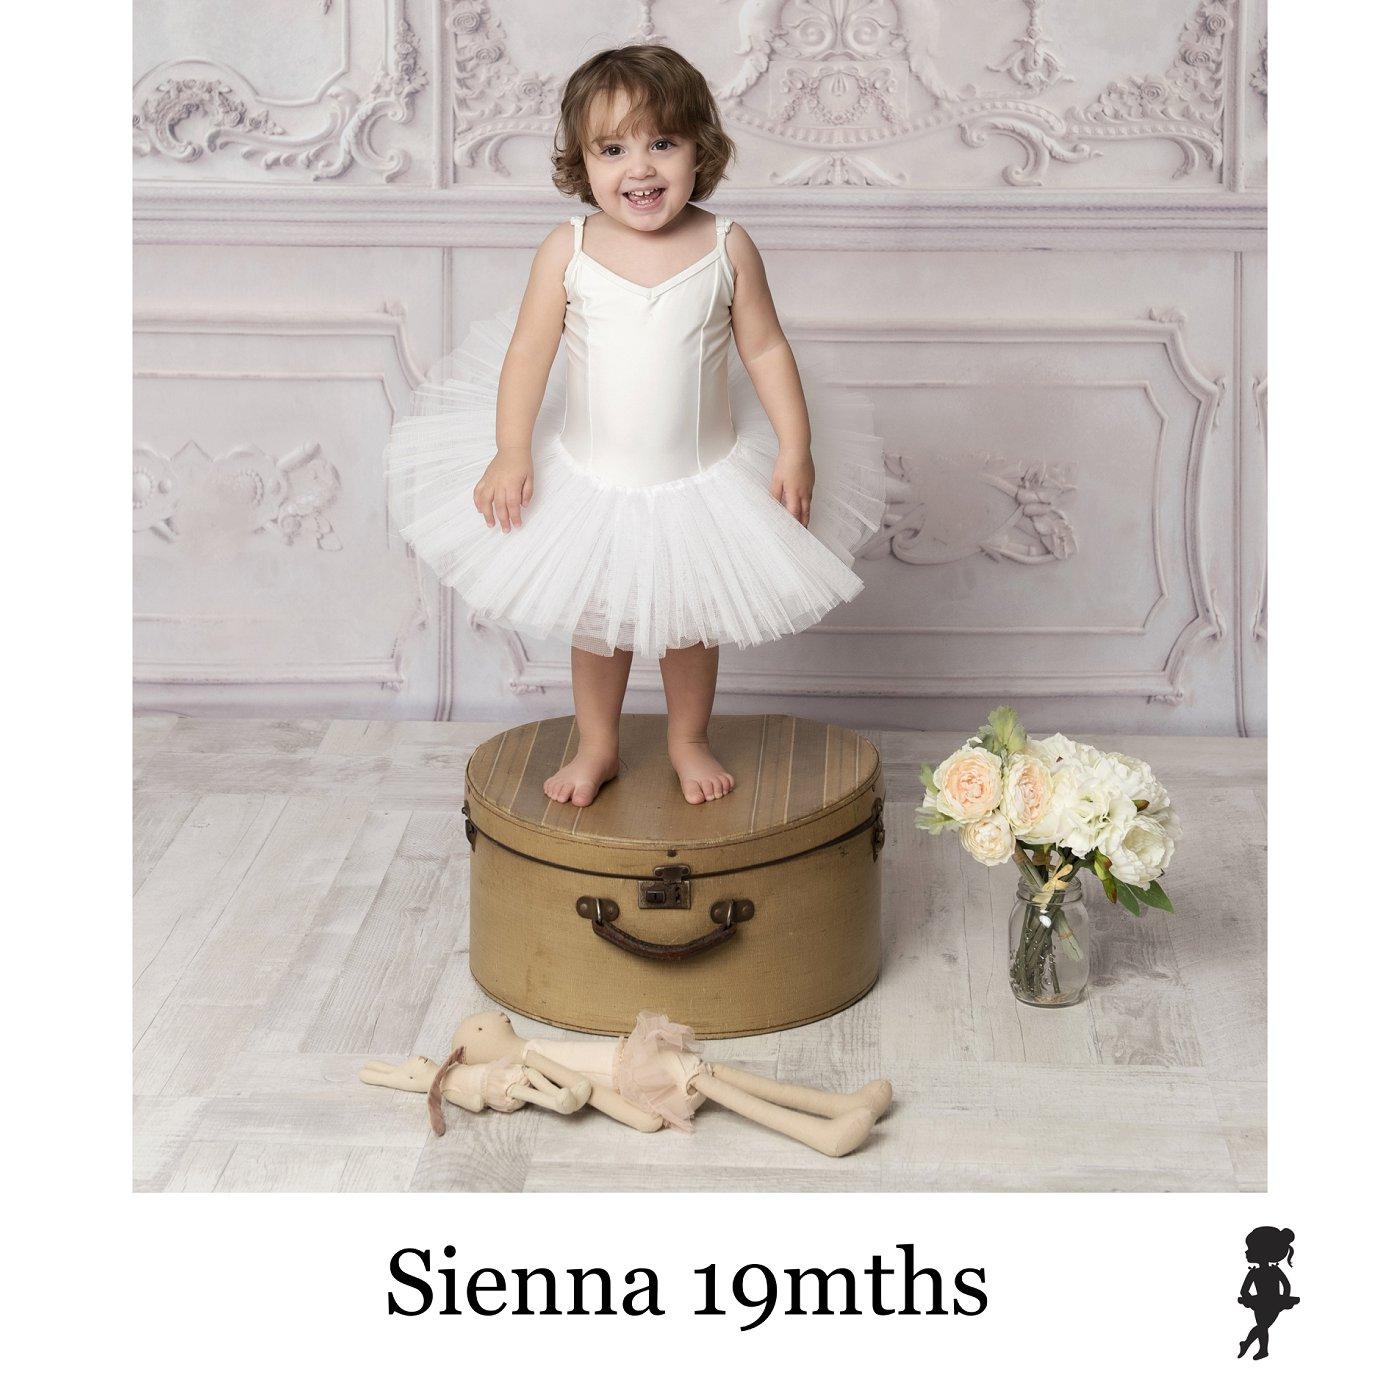 LB8019- Sienna 19mths.jpg